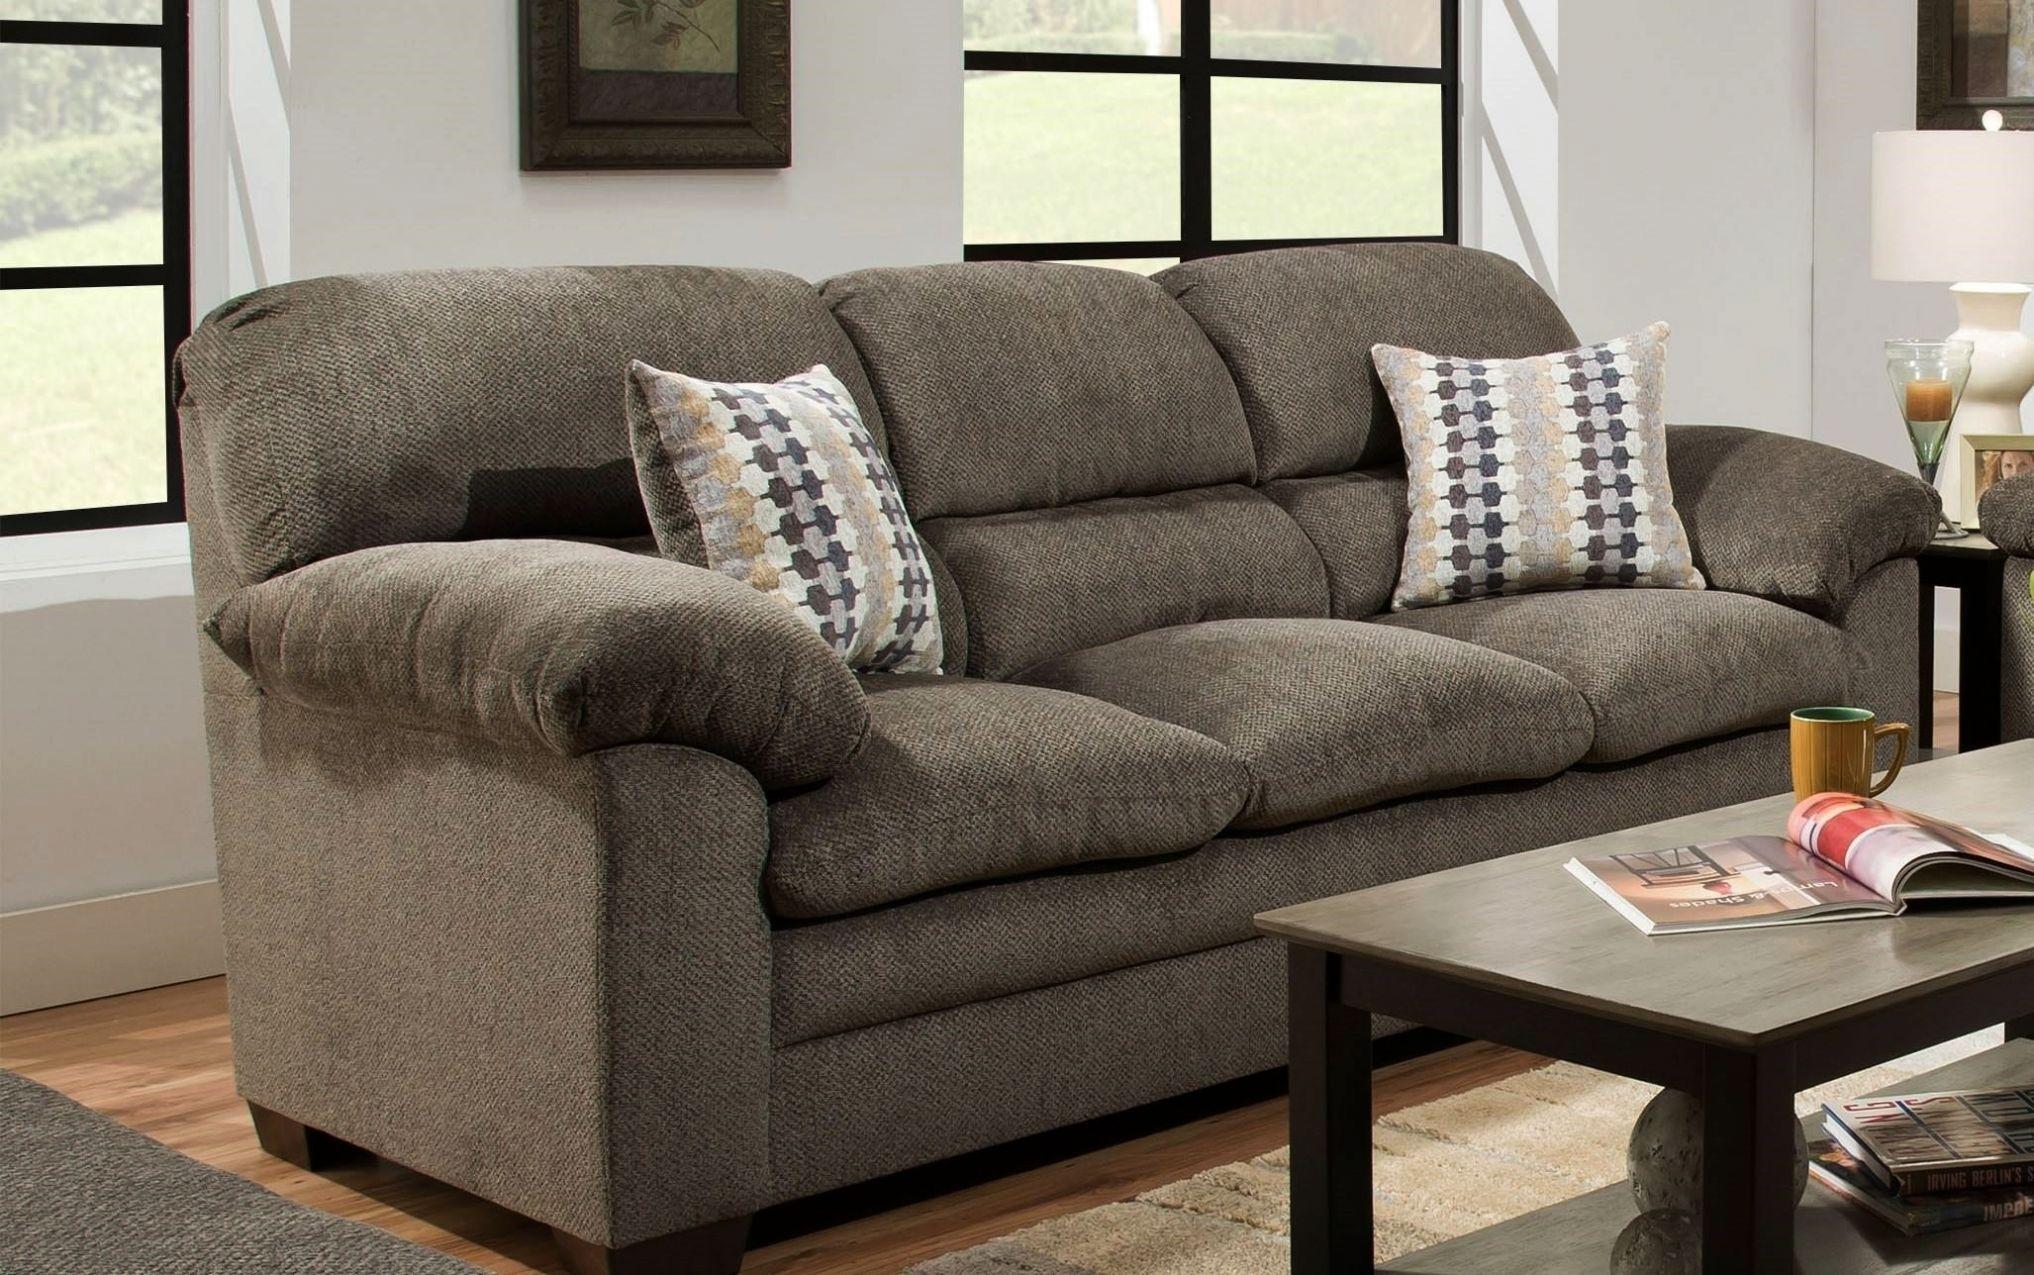 Furniture Fair Goldsboro Nc United Furniture Industries